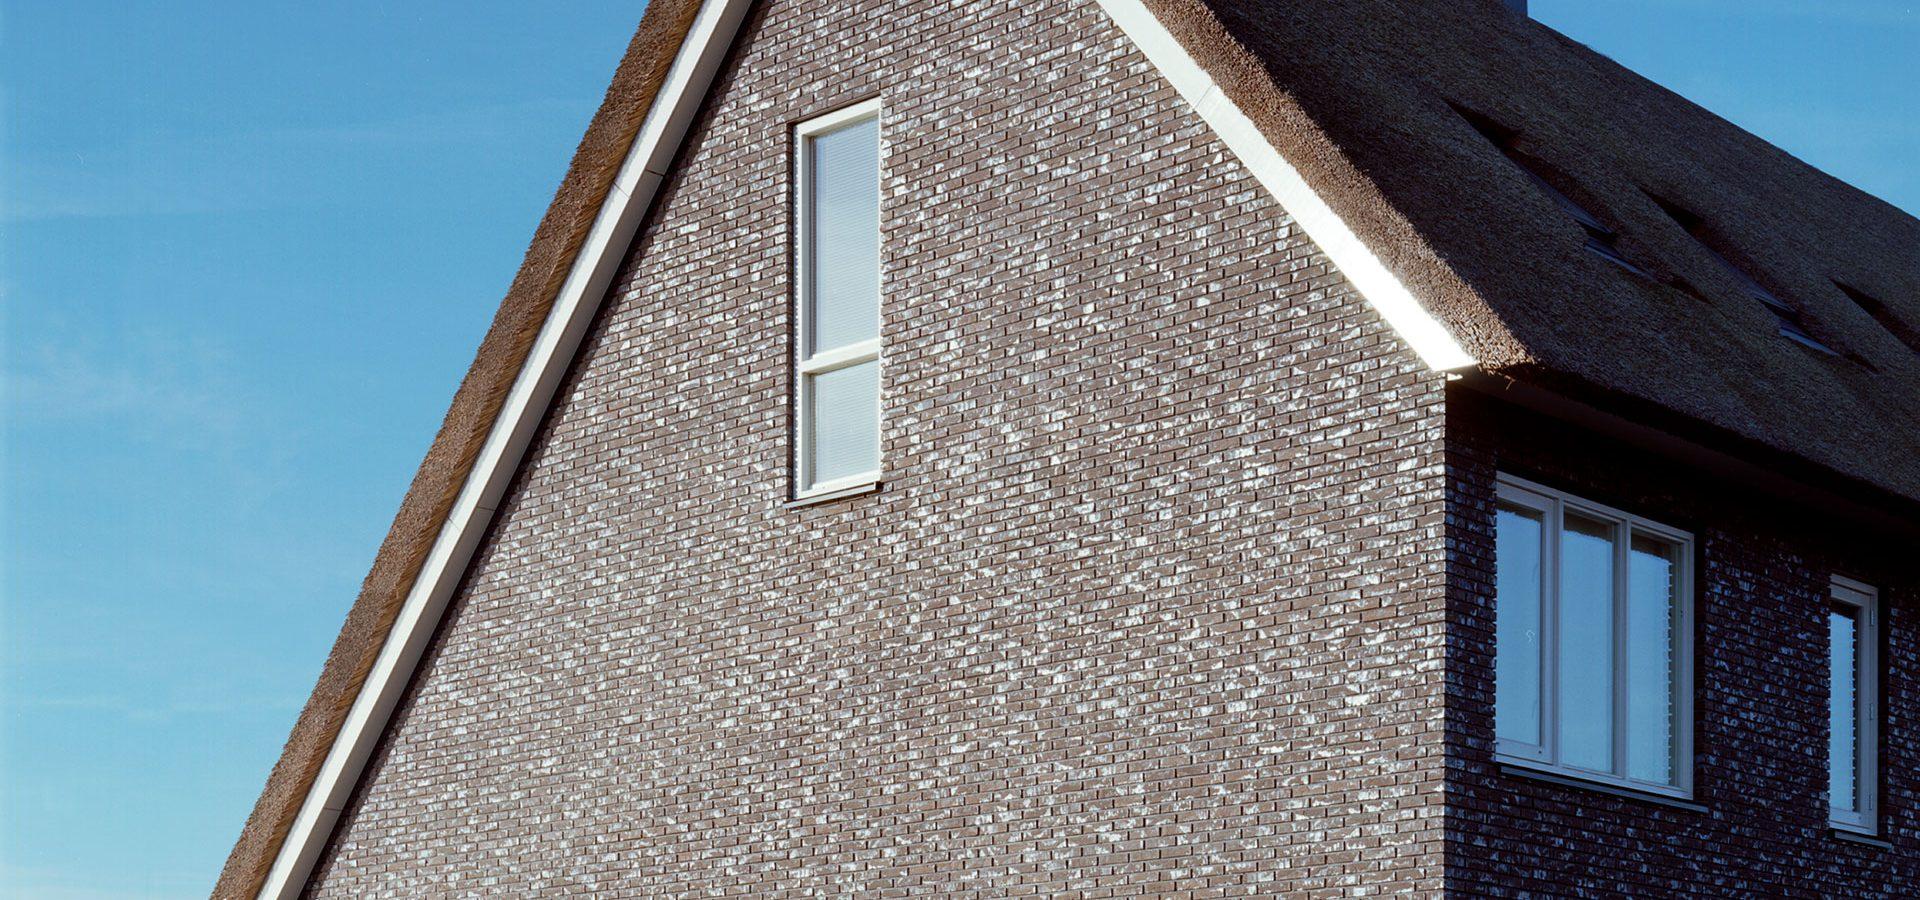 FARO architecten Rieten kappen Hoogeveen 04